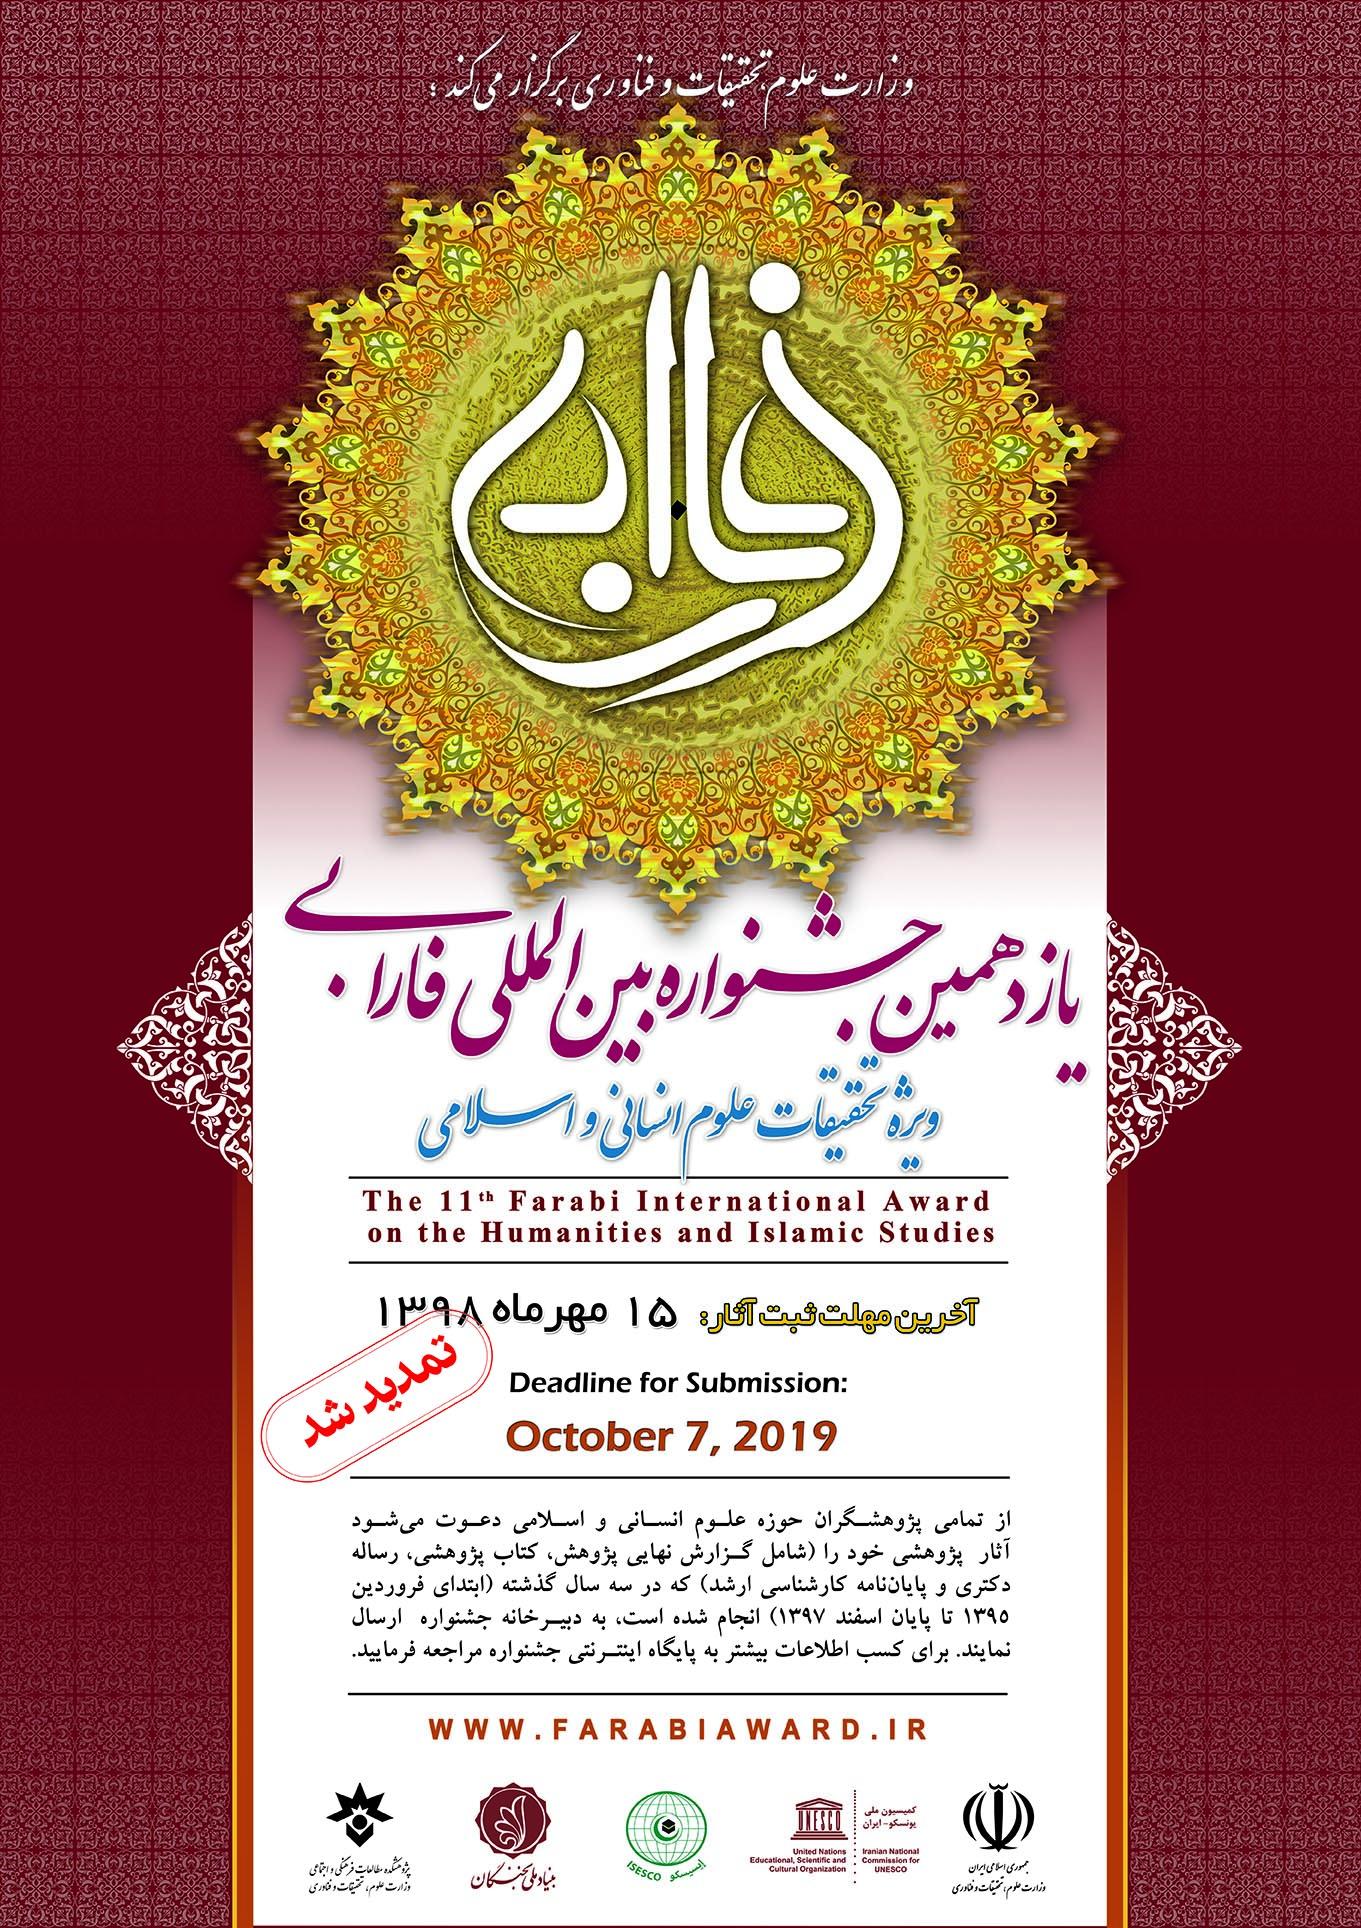 یازدهمین جشنواره بین المللی فارابی